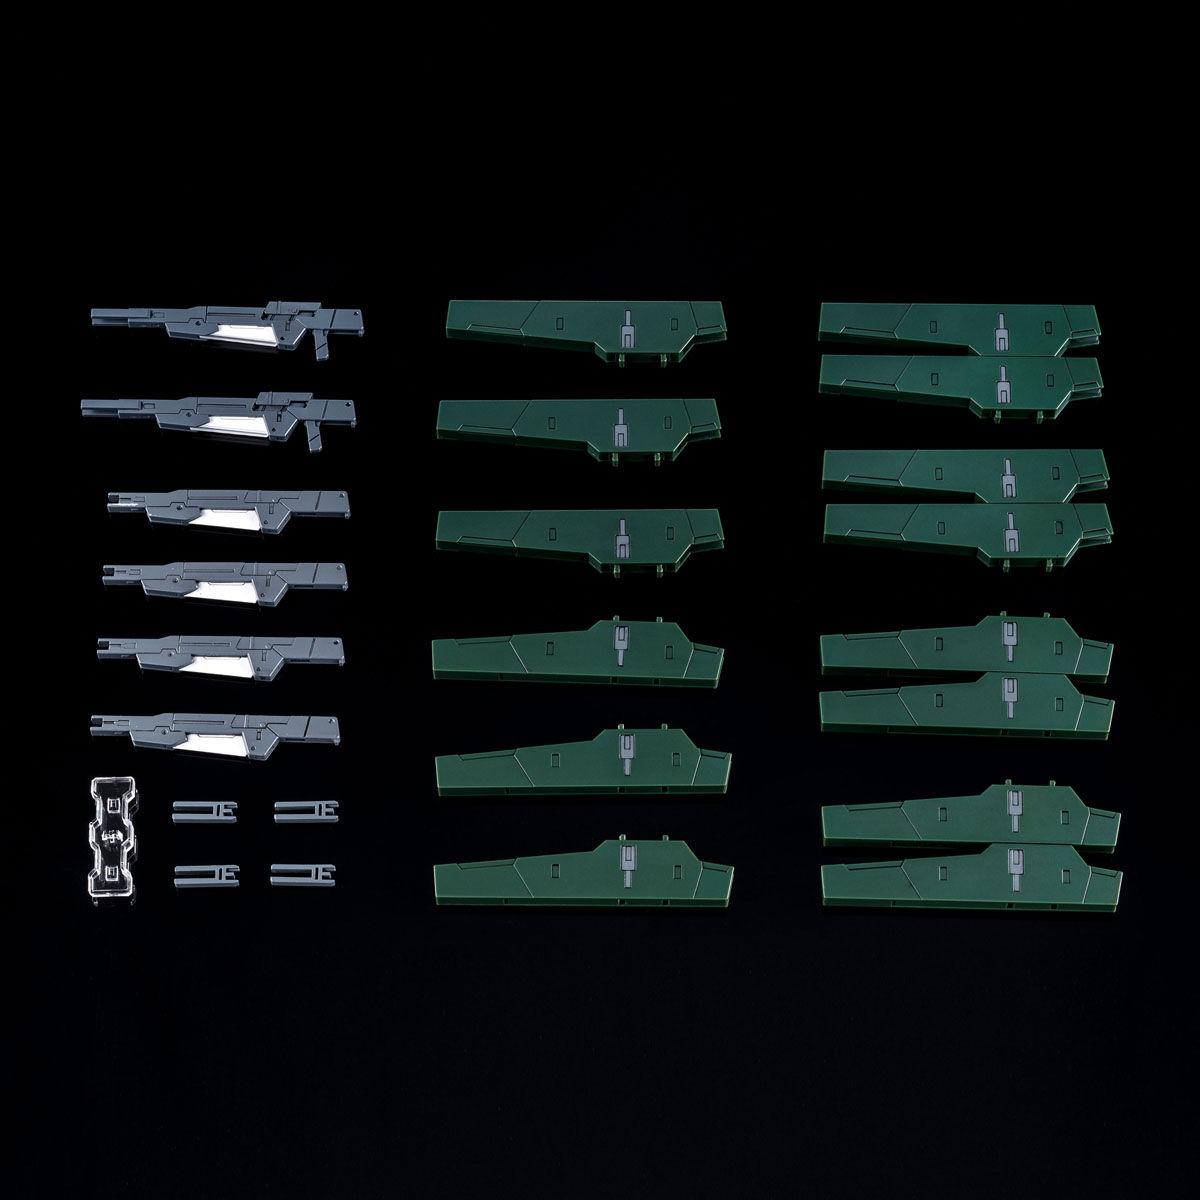 【限定販売】HG 1/144『ガンダムサバーニャ(最終決戦仕様)』ガンダム00 プラモデル-009